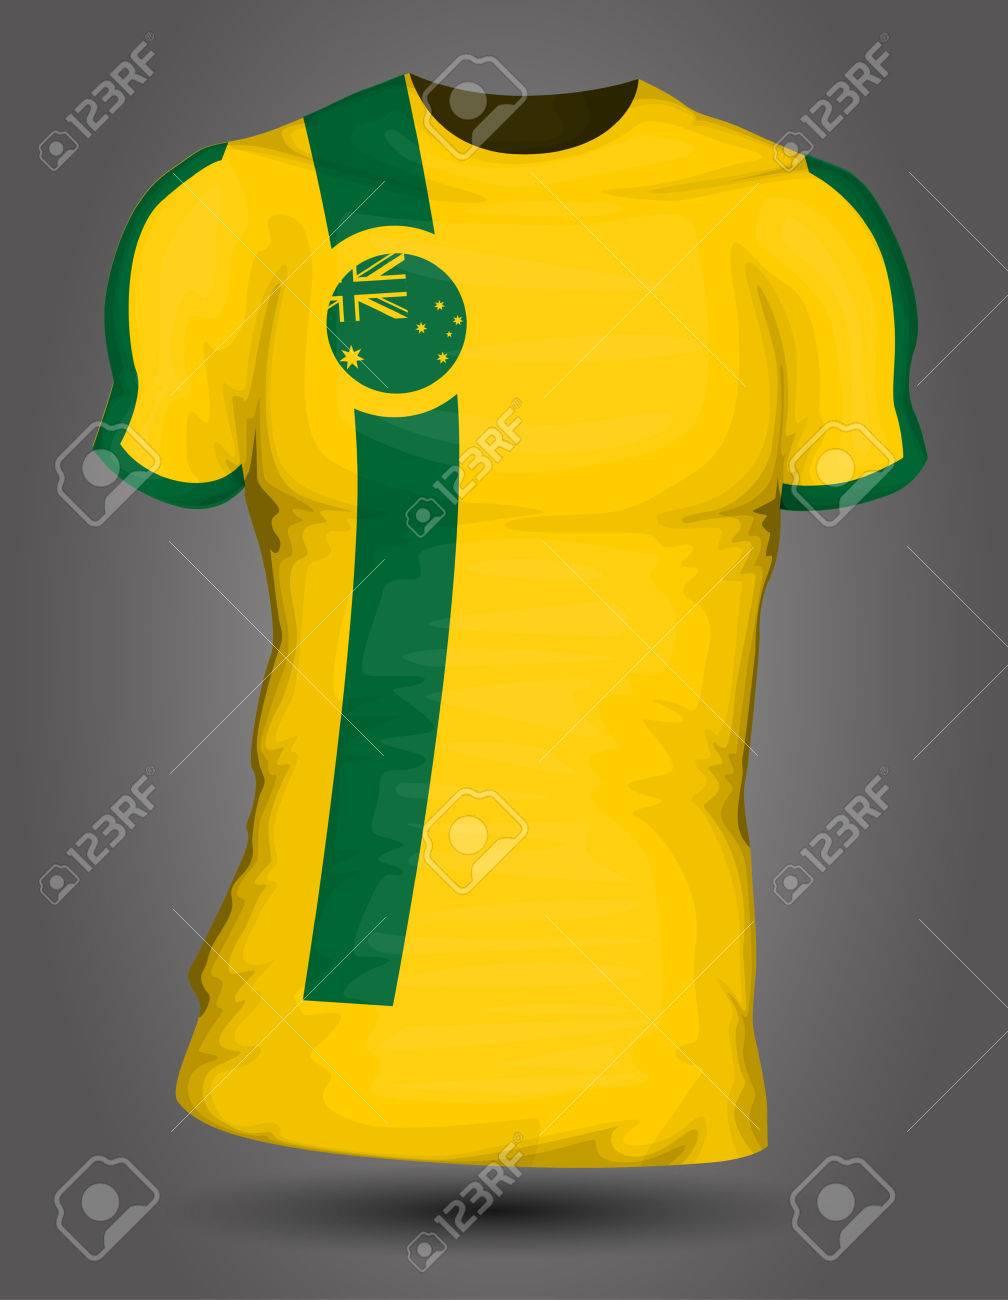 da069e3a3 Australia soccer jersey Stock Vector - 27320375